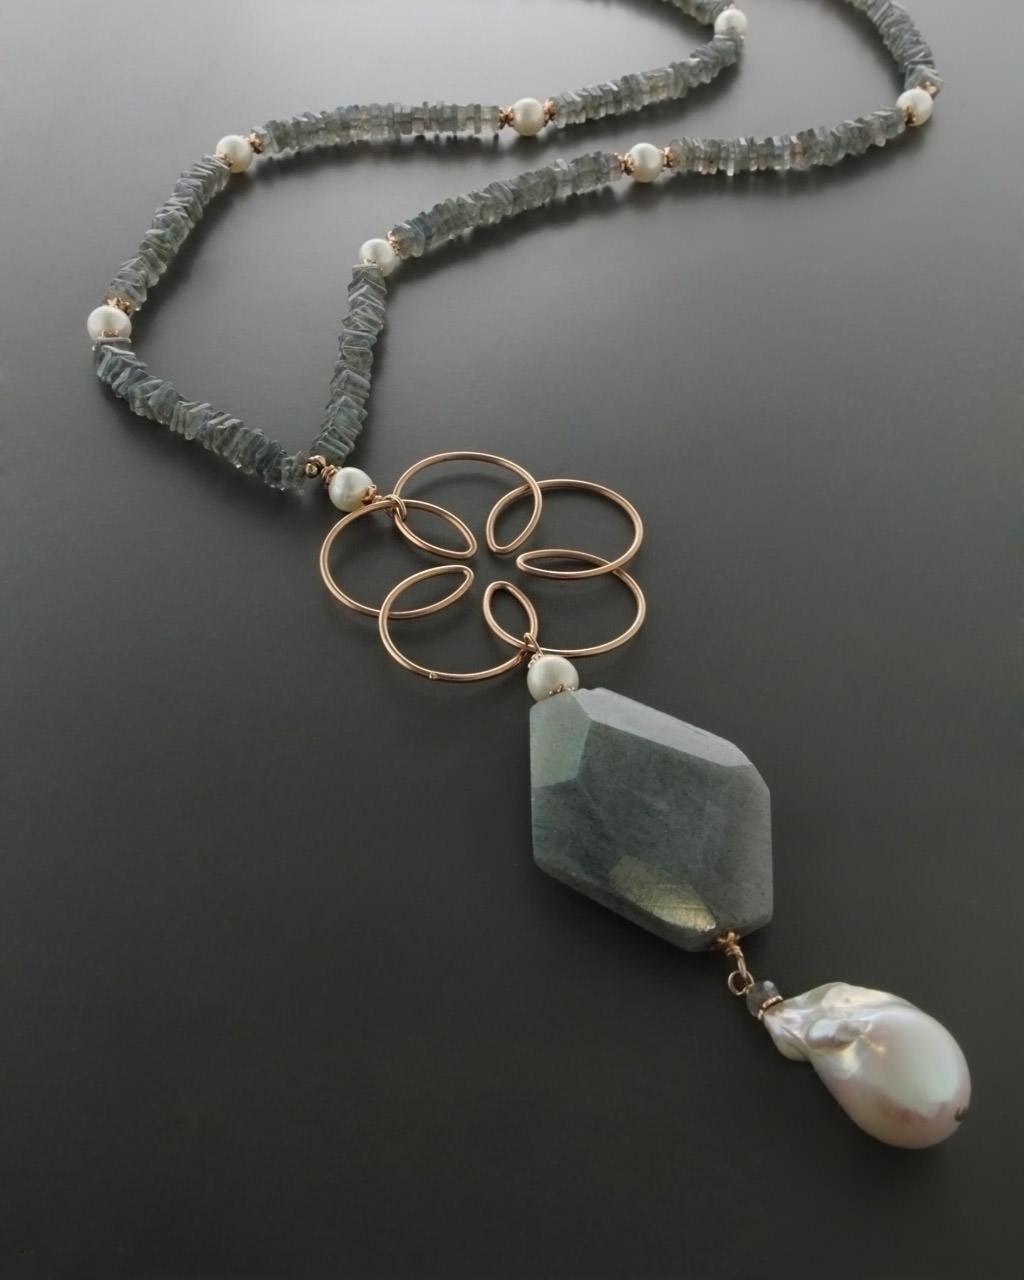 Κολιέ με Ορυκτές πέτρες & Μαργαριτάρια από ασήμι   γυναικα κρεμαστά κολιέ κρεμαστά κολιέ ημιπολύτιμοι λίθοι